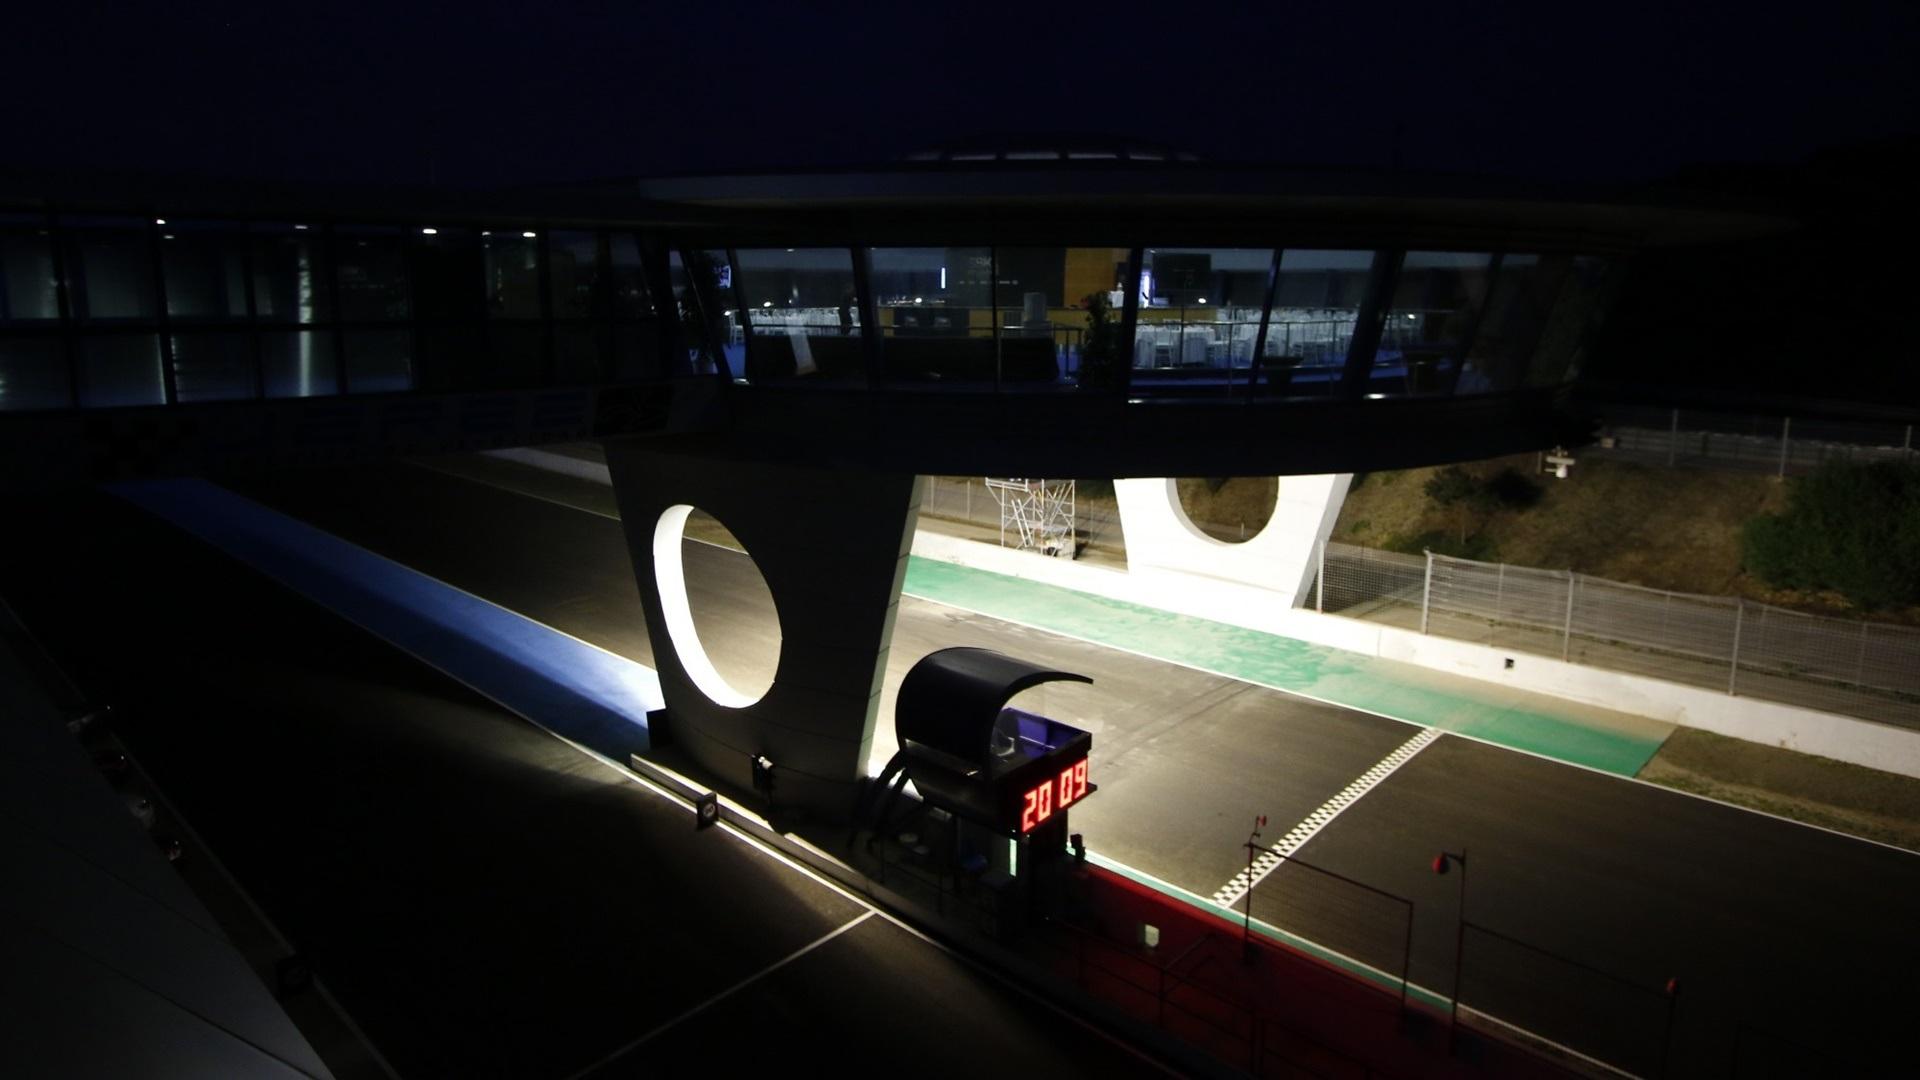 Horarios para la ronda de Superbikes en Jerez 2019